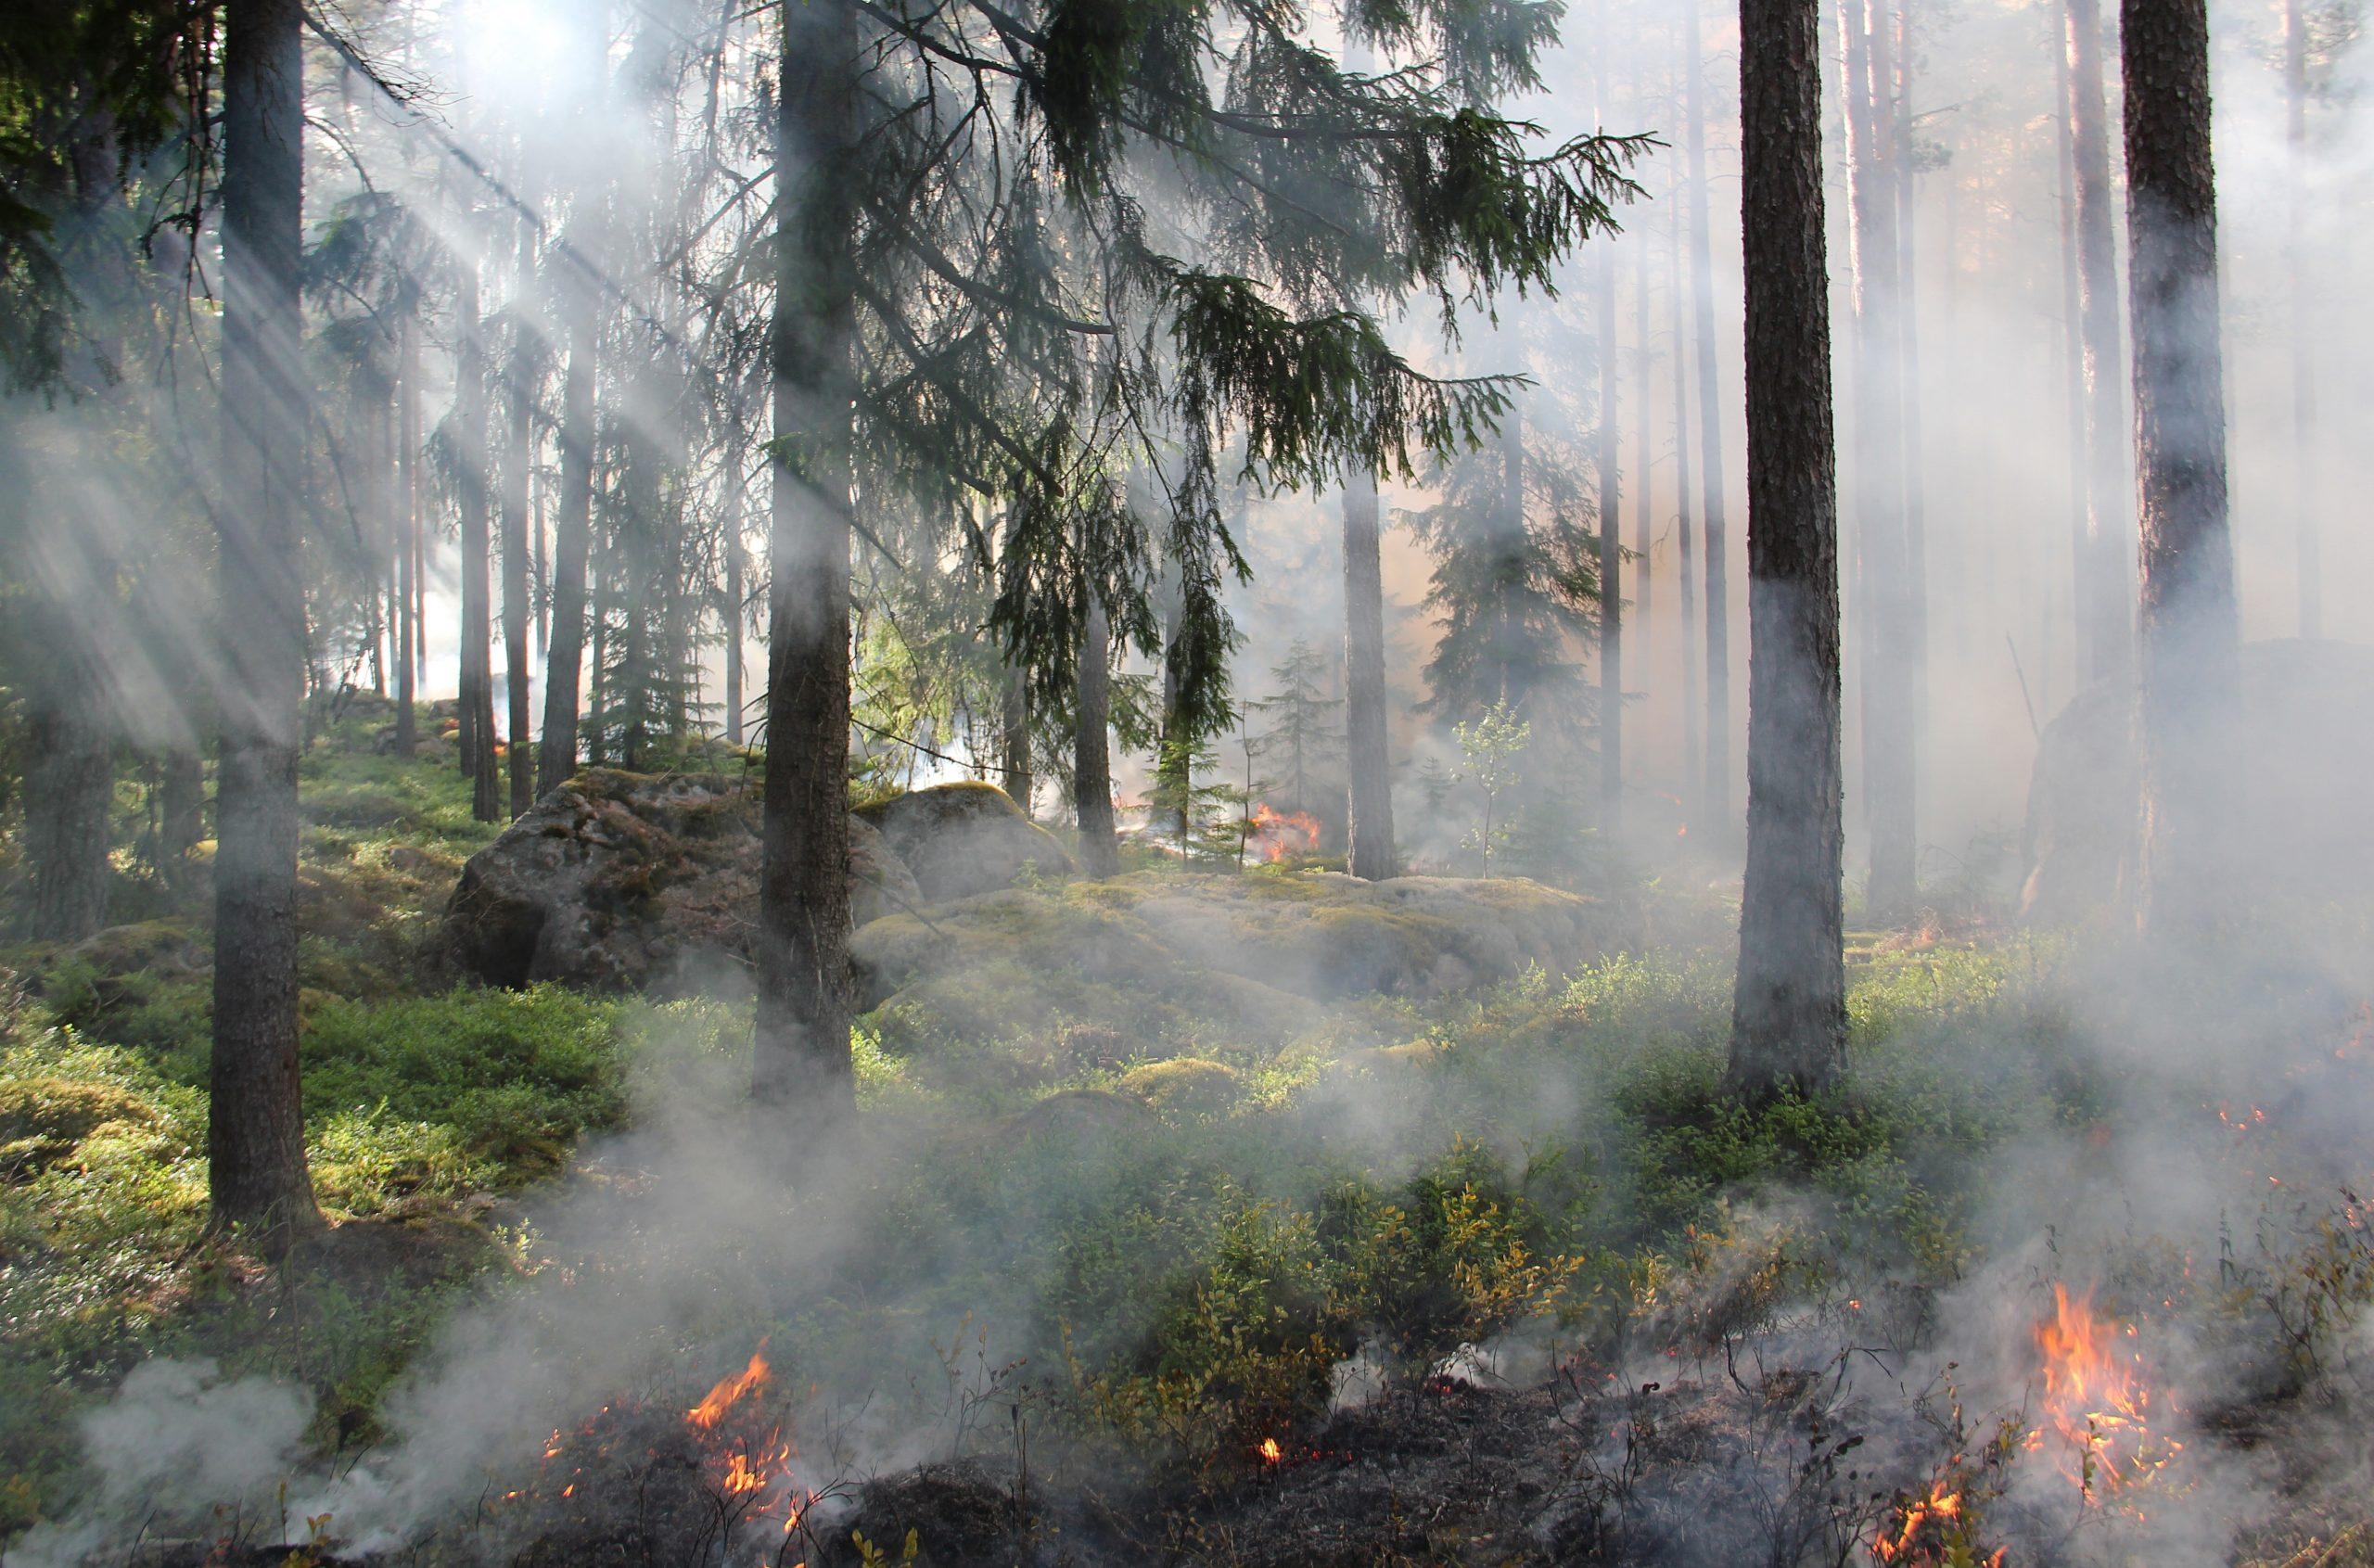 Es brennt im Wald